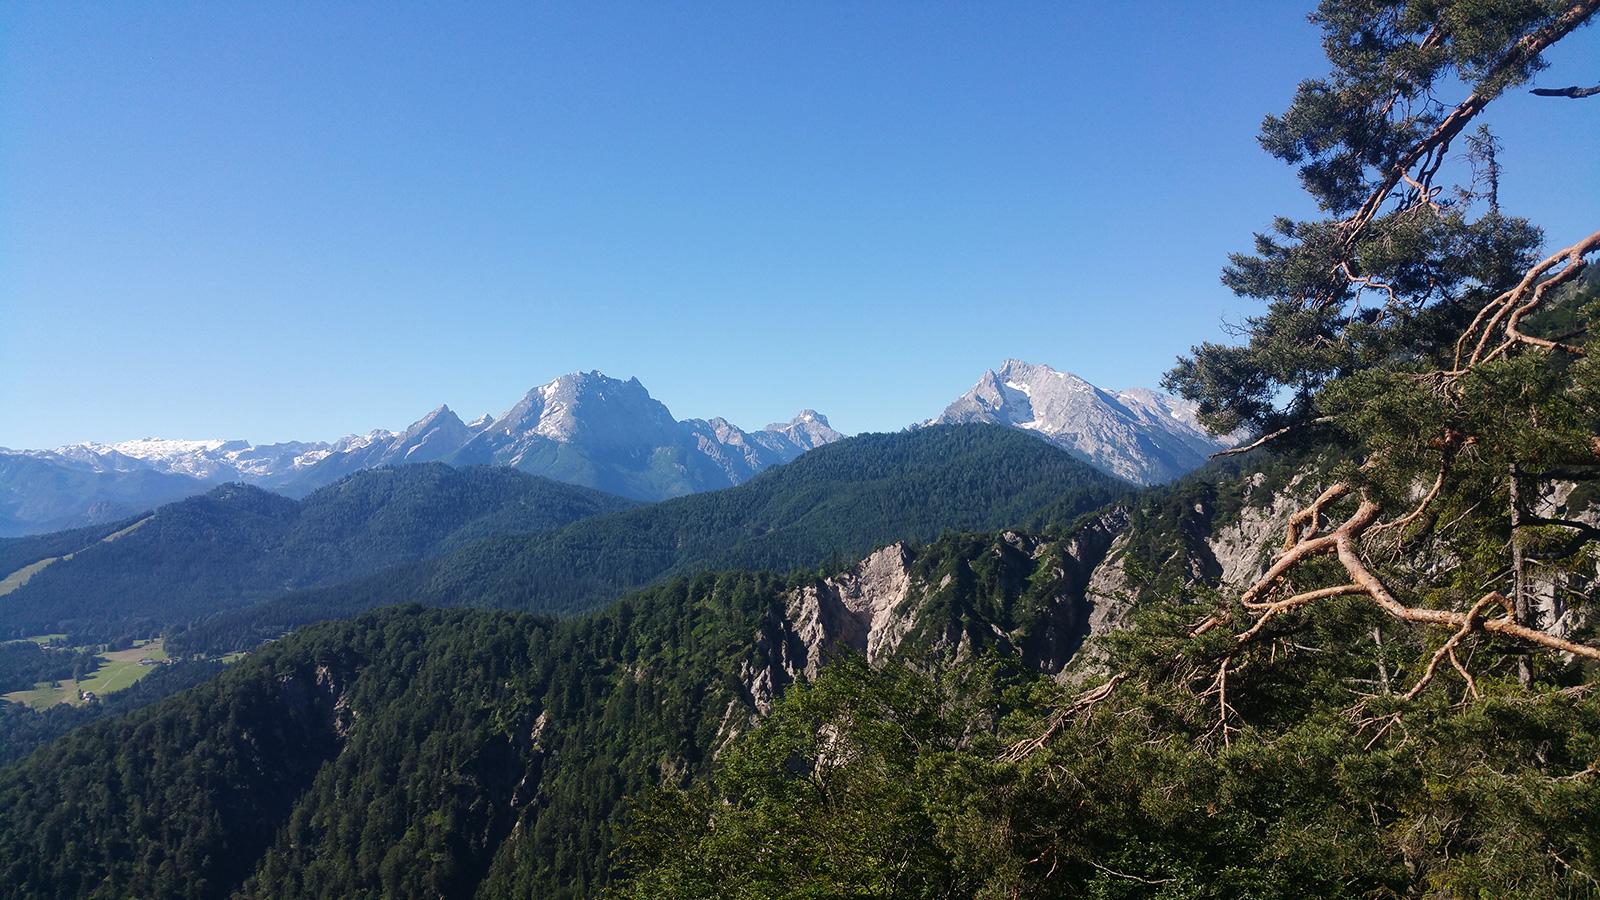 Blick in die Berchtesgadener Alpen mit Steinernem Meer, Watzmann und Co.